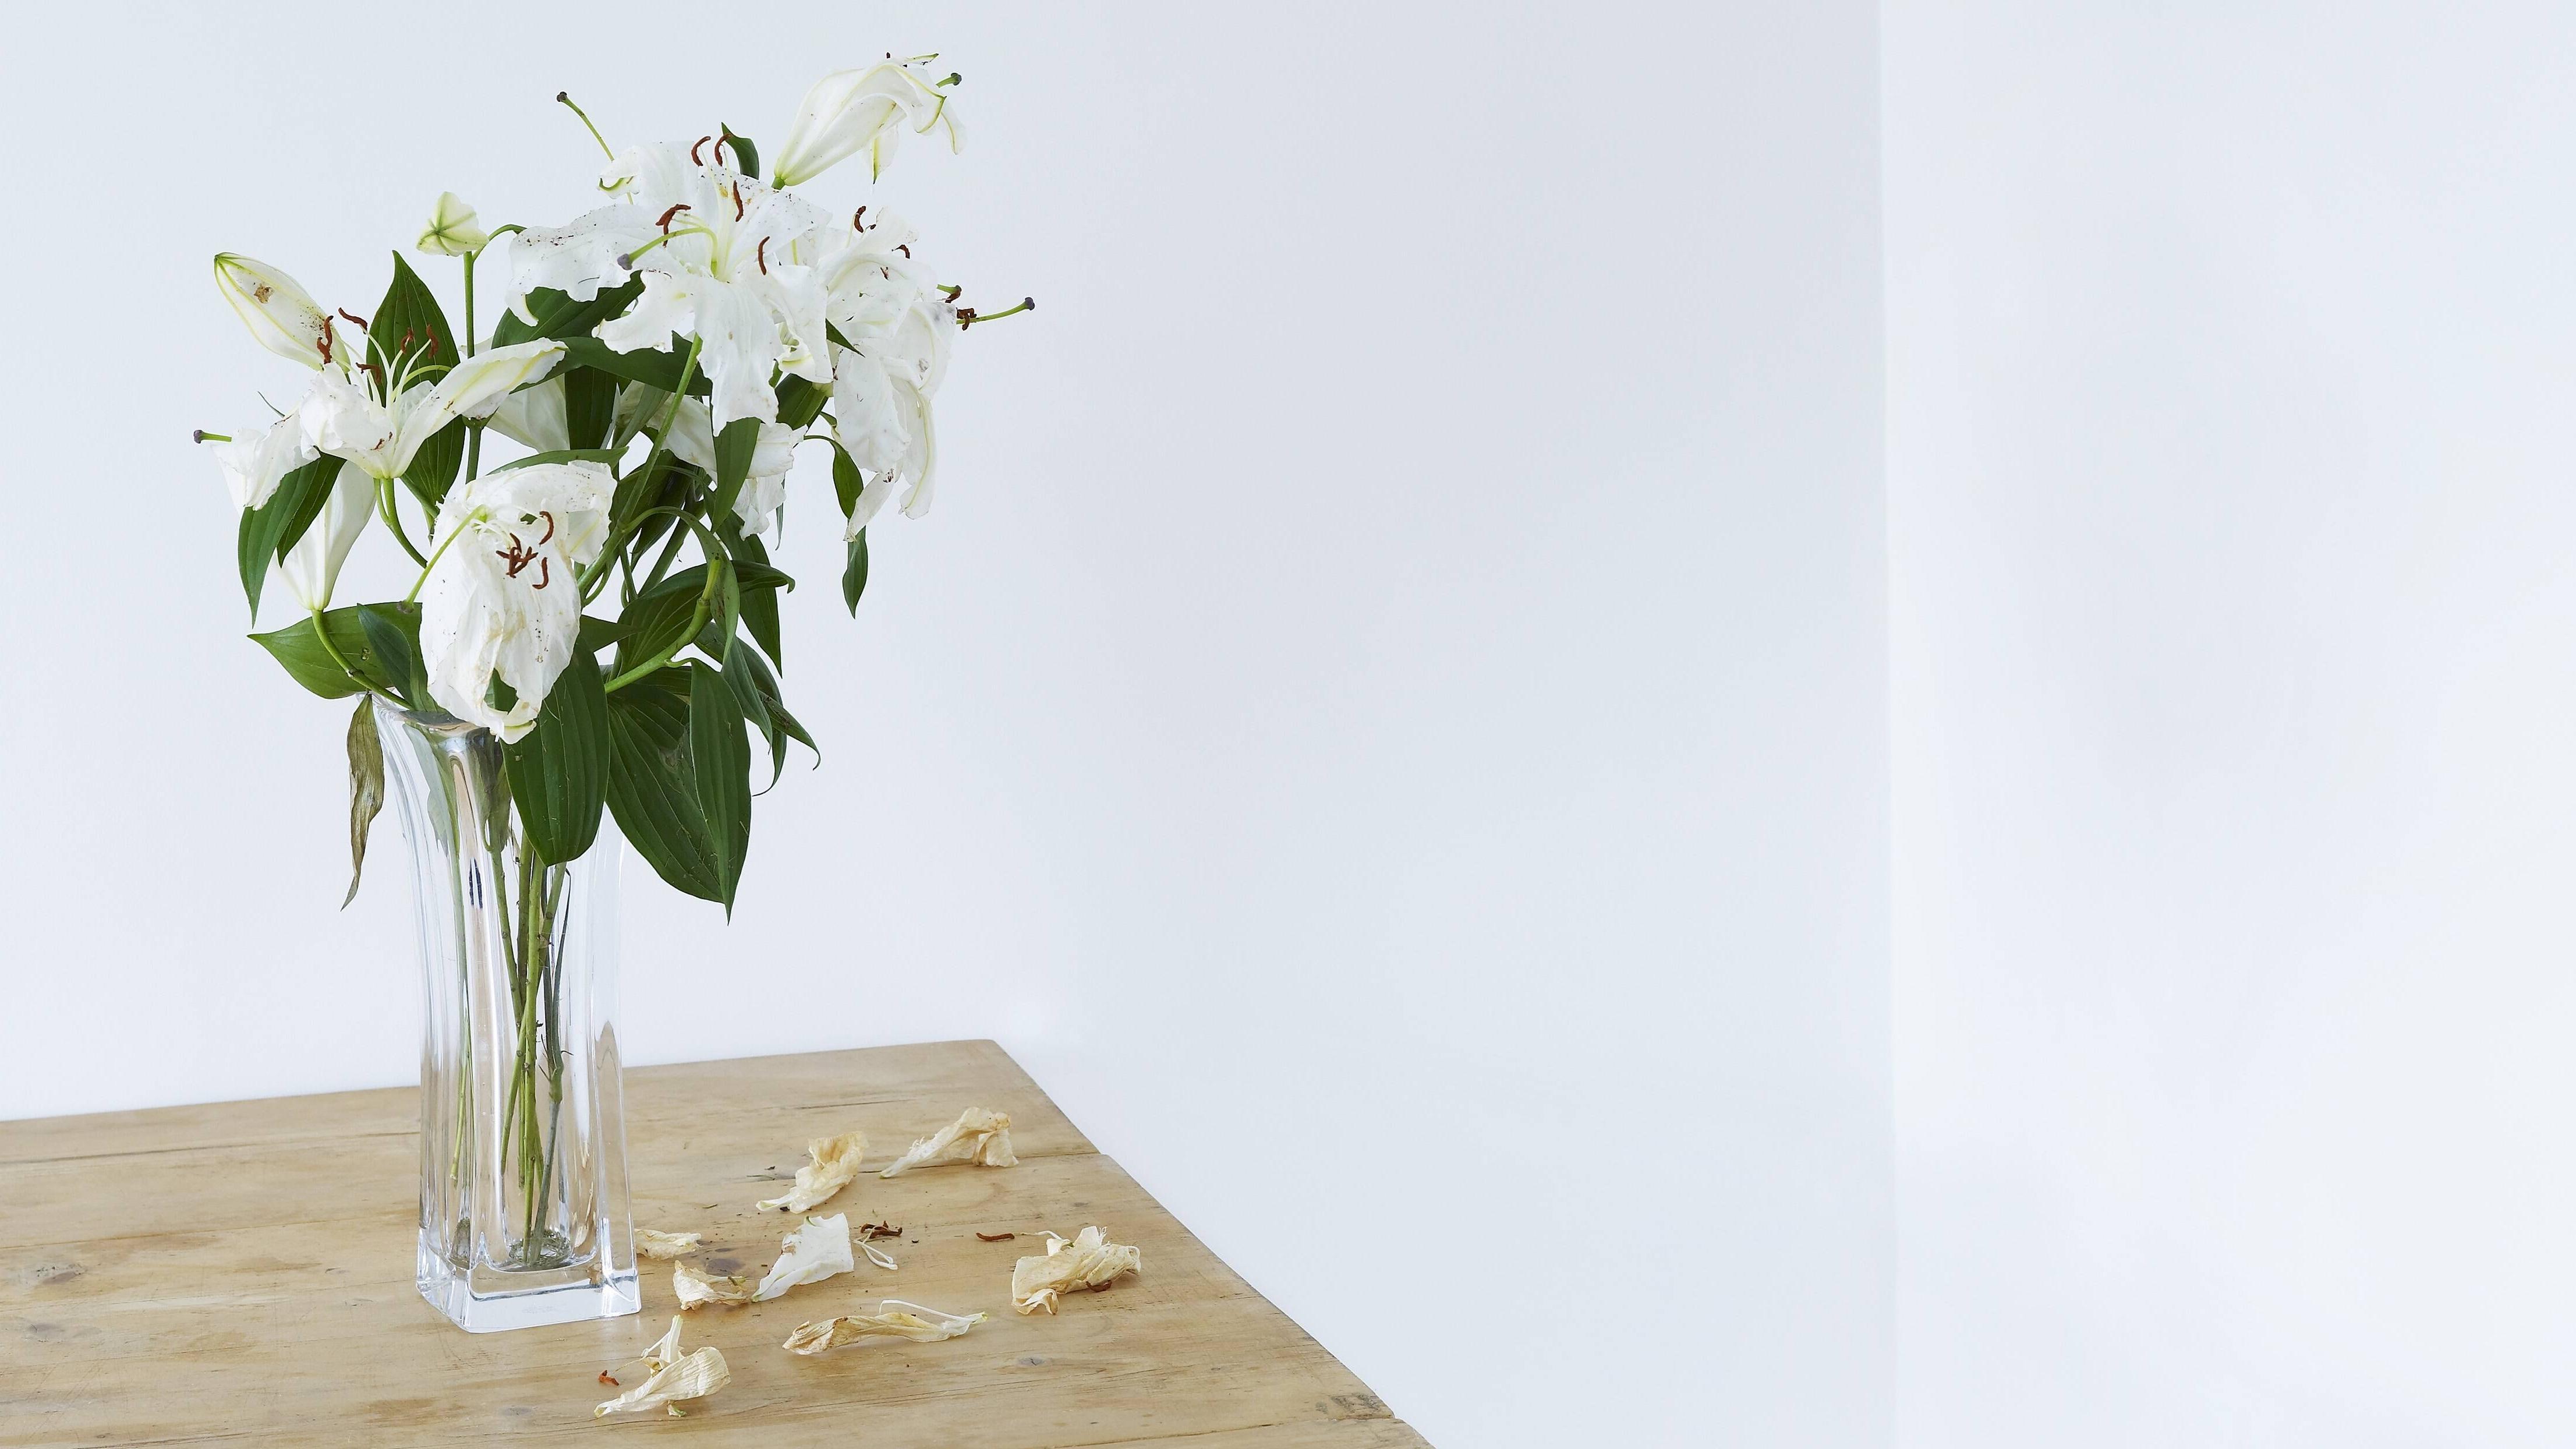 Lilien lassen sich leicht vermehren, wenn Sie etwas Zeit mitbringen.